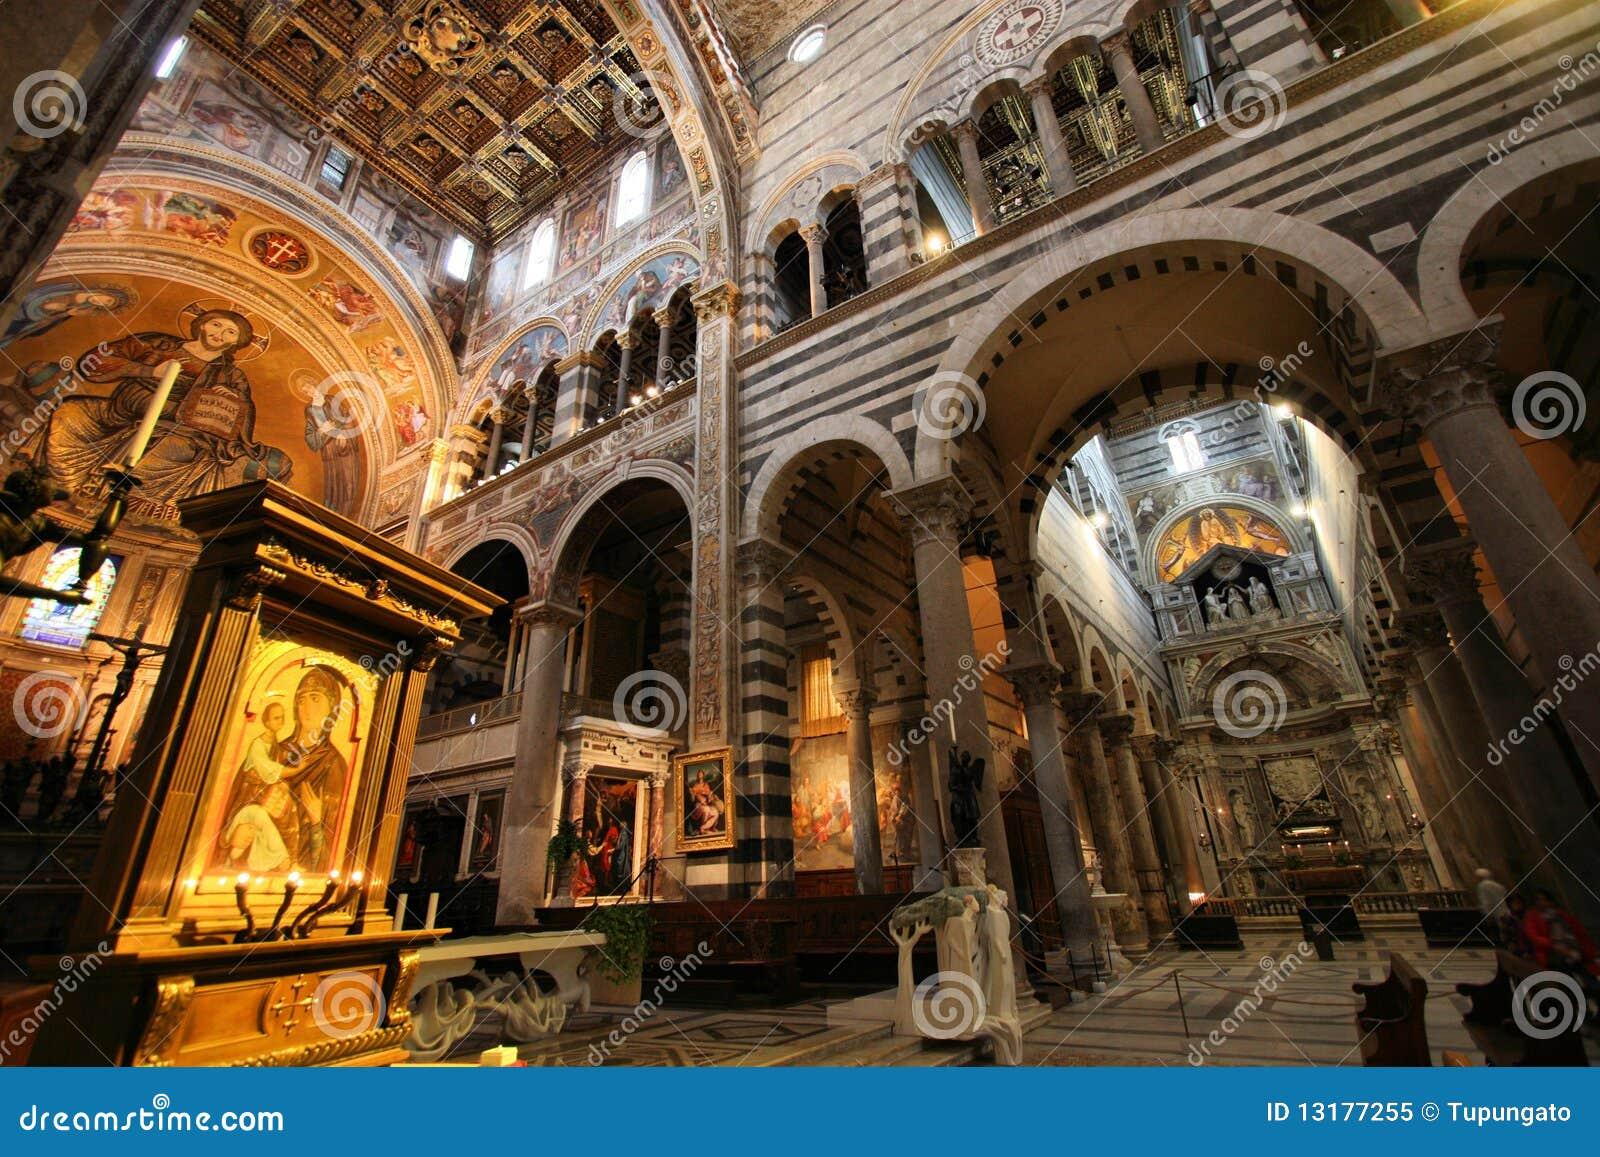 Cathédrale de Pise